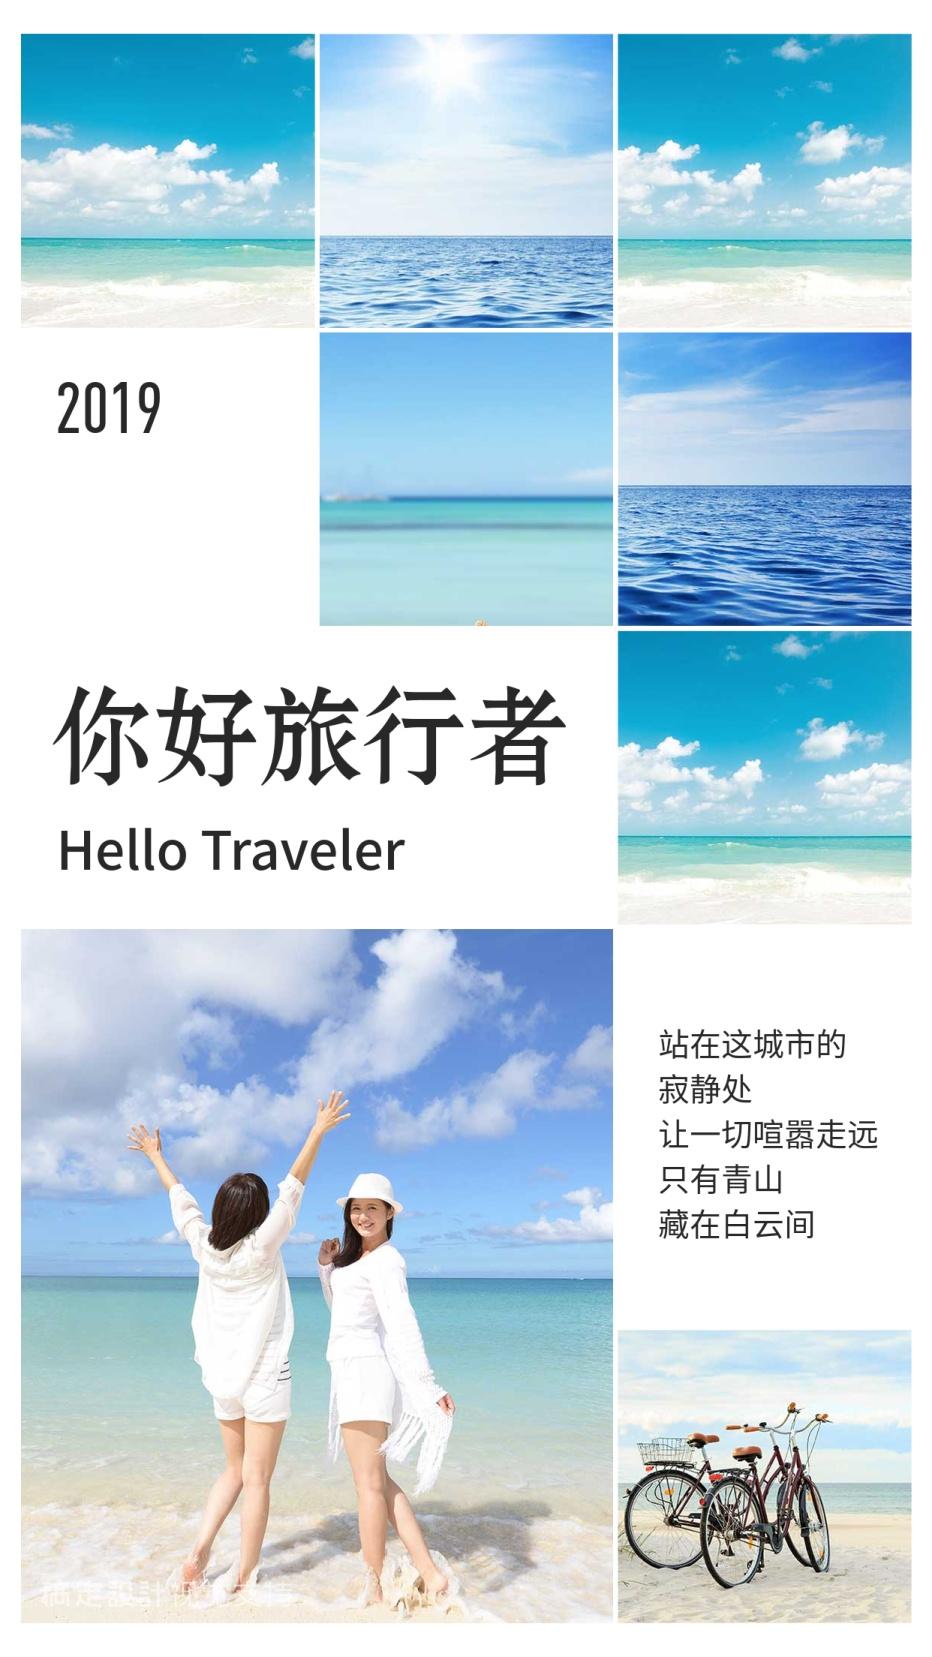 旅行文艺多图拼接记录相册